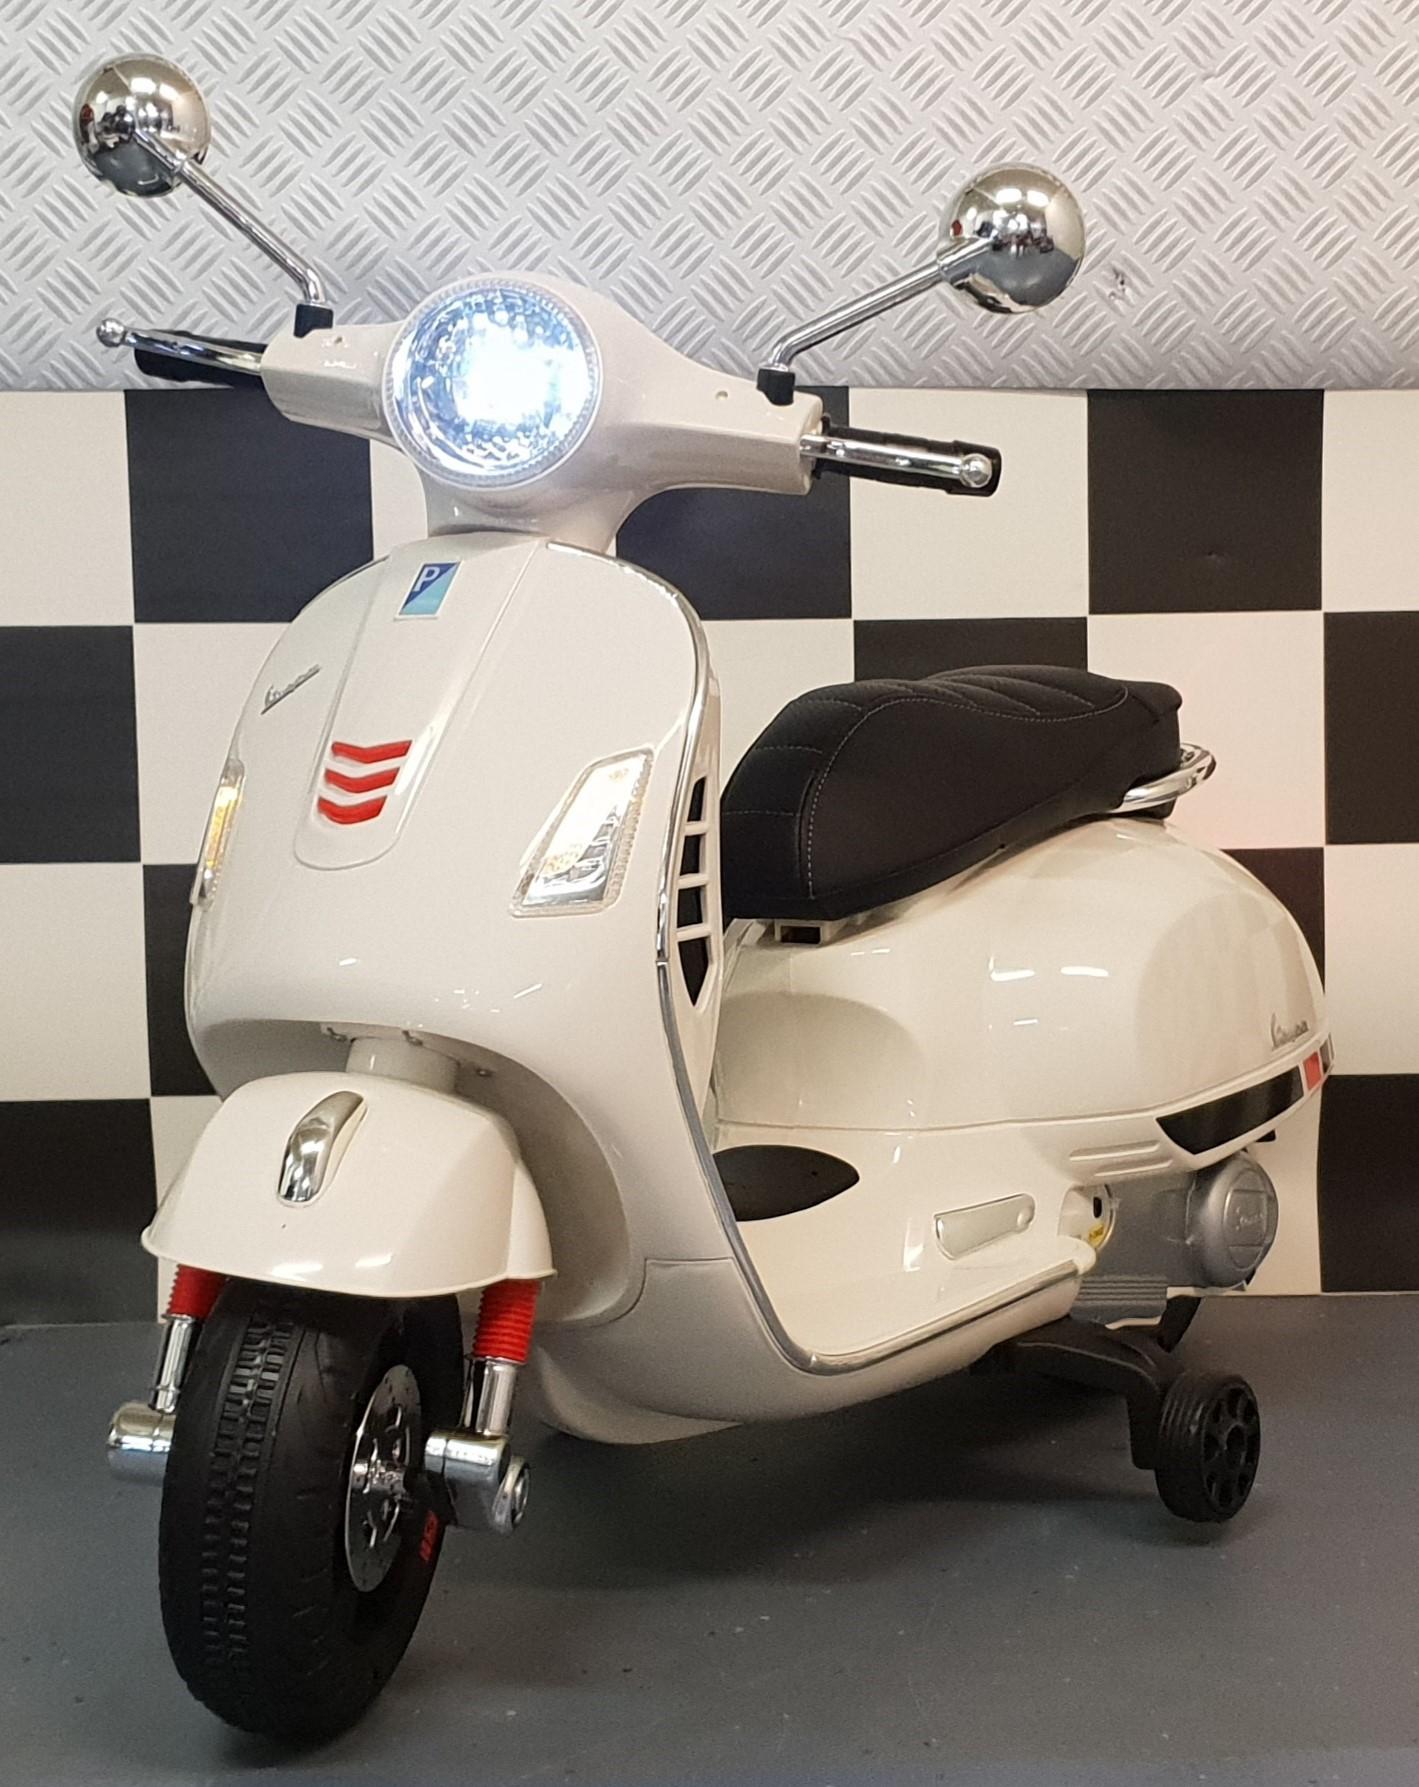 vespa kinder scooter 12 volt elektrische kinderscooter wit. Black Bedroom Furniture Sets. Home Design Ideas